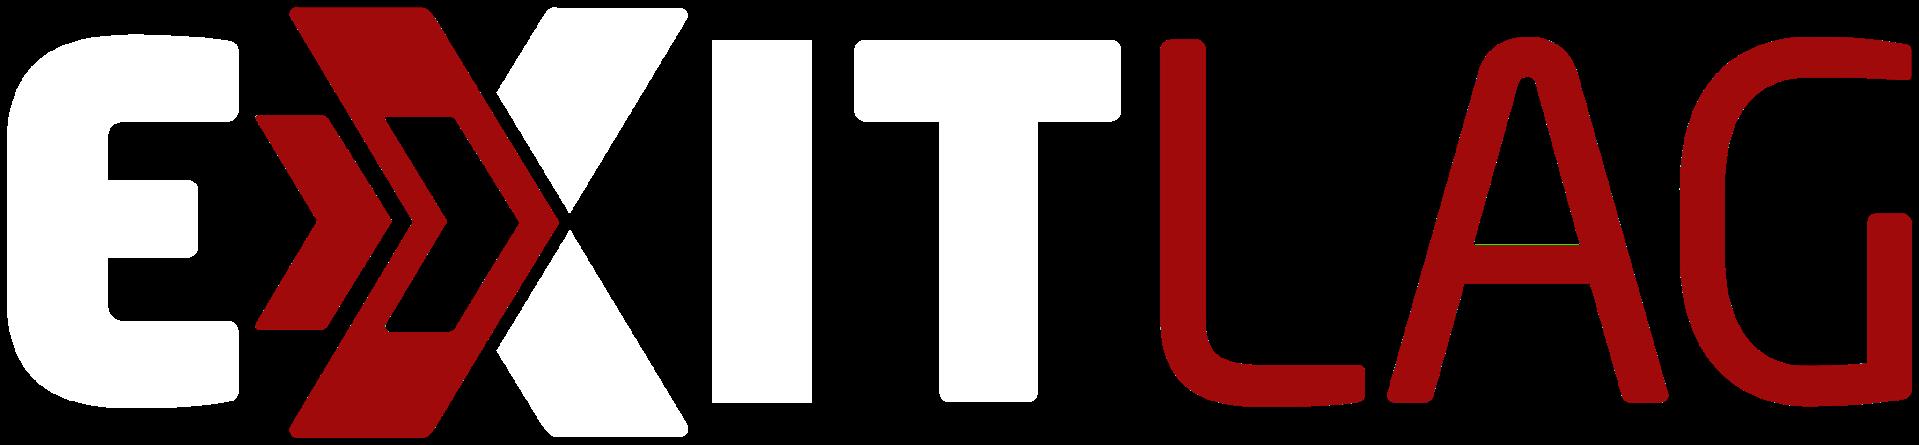 exitlag-logo-white